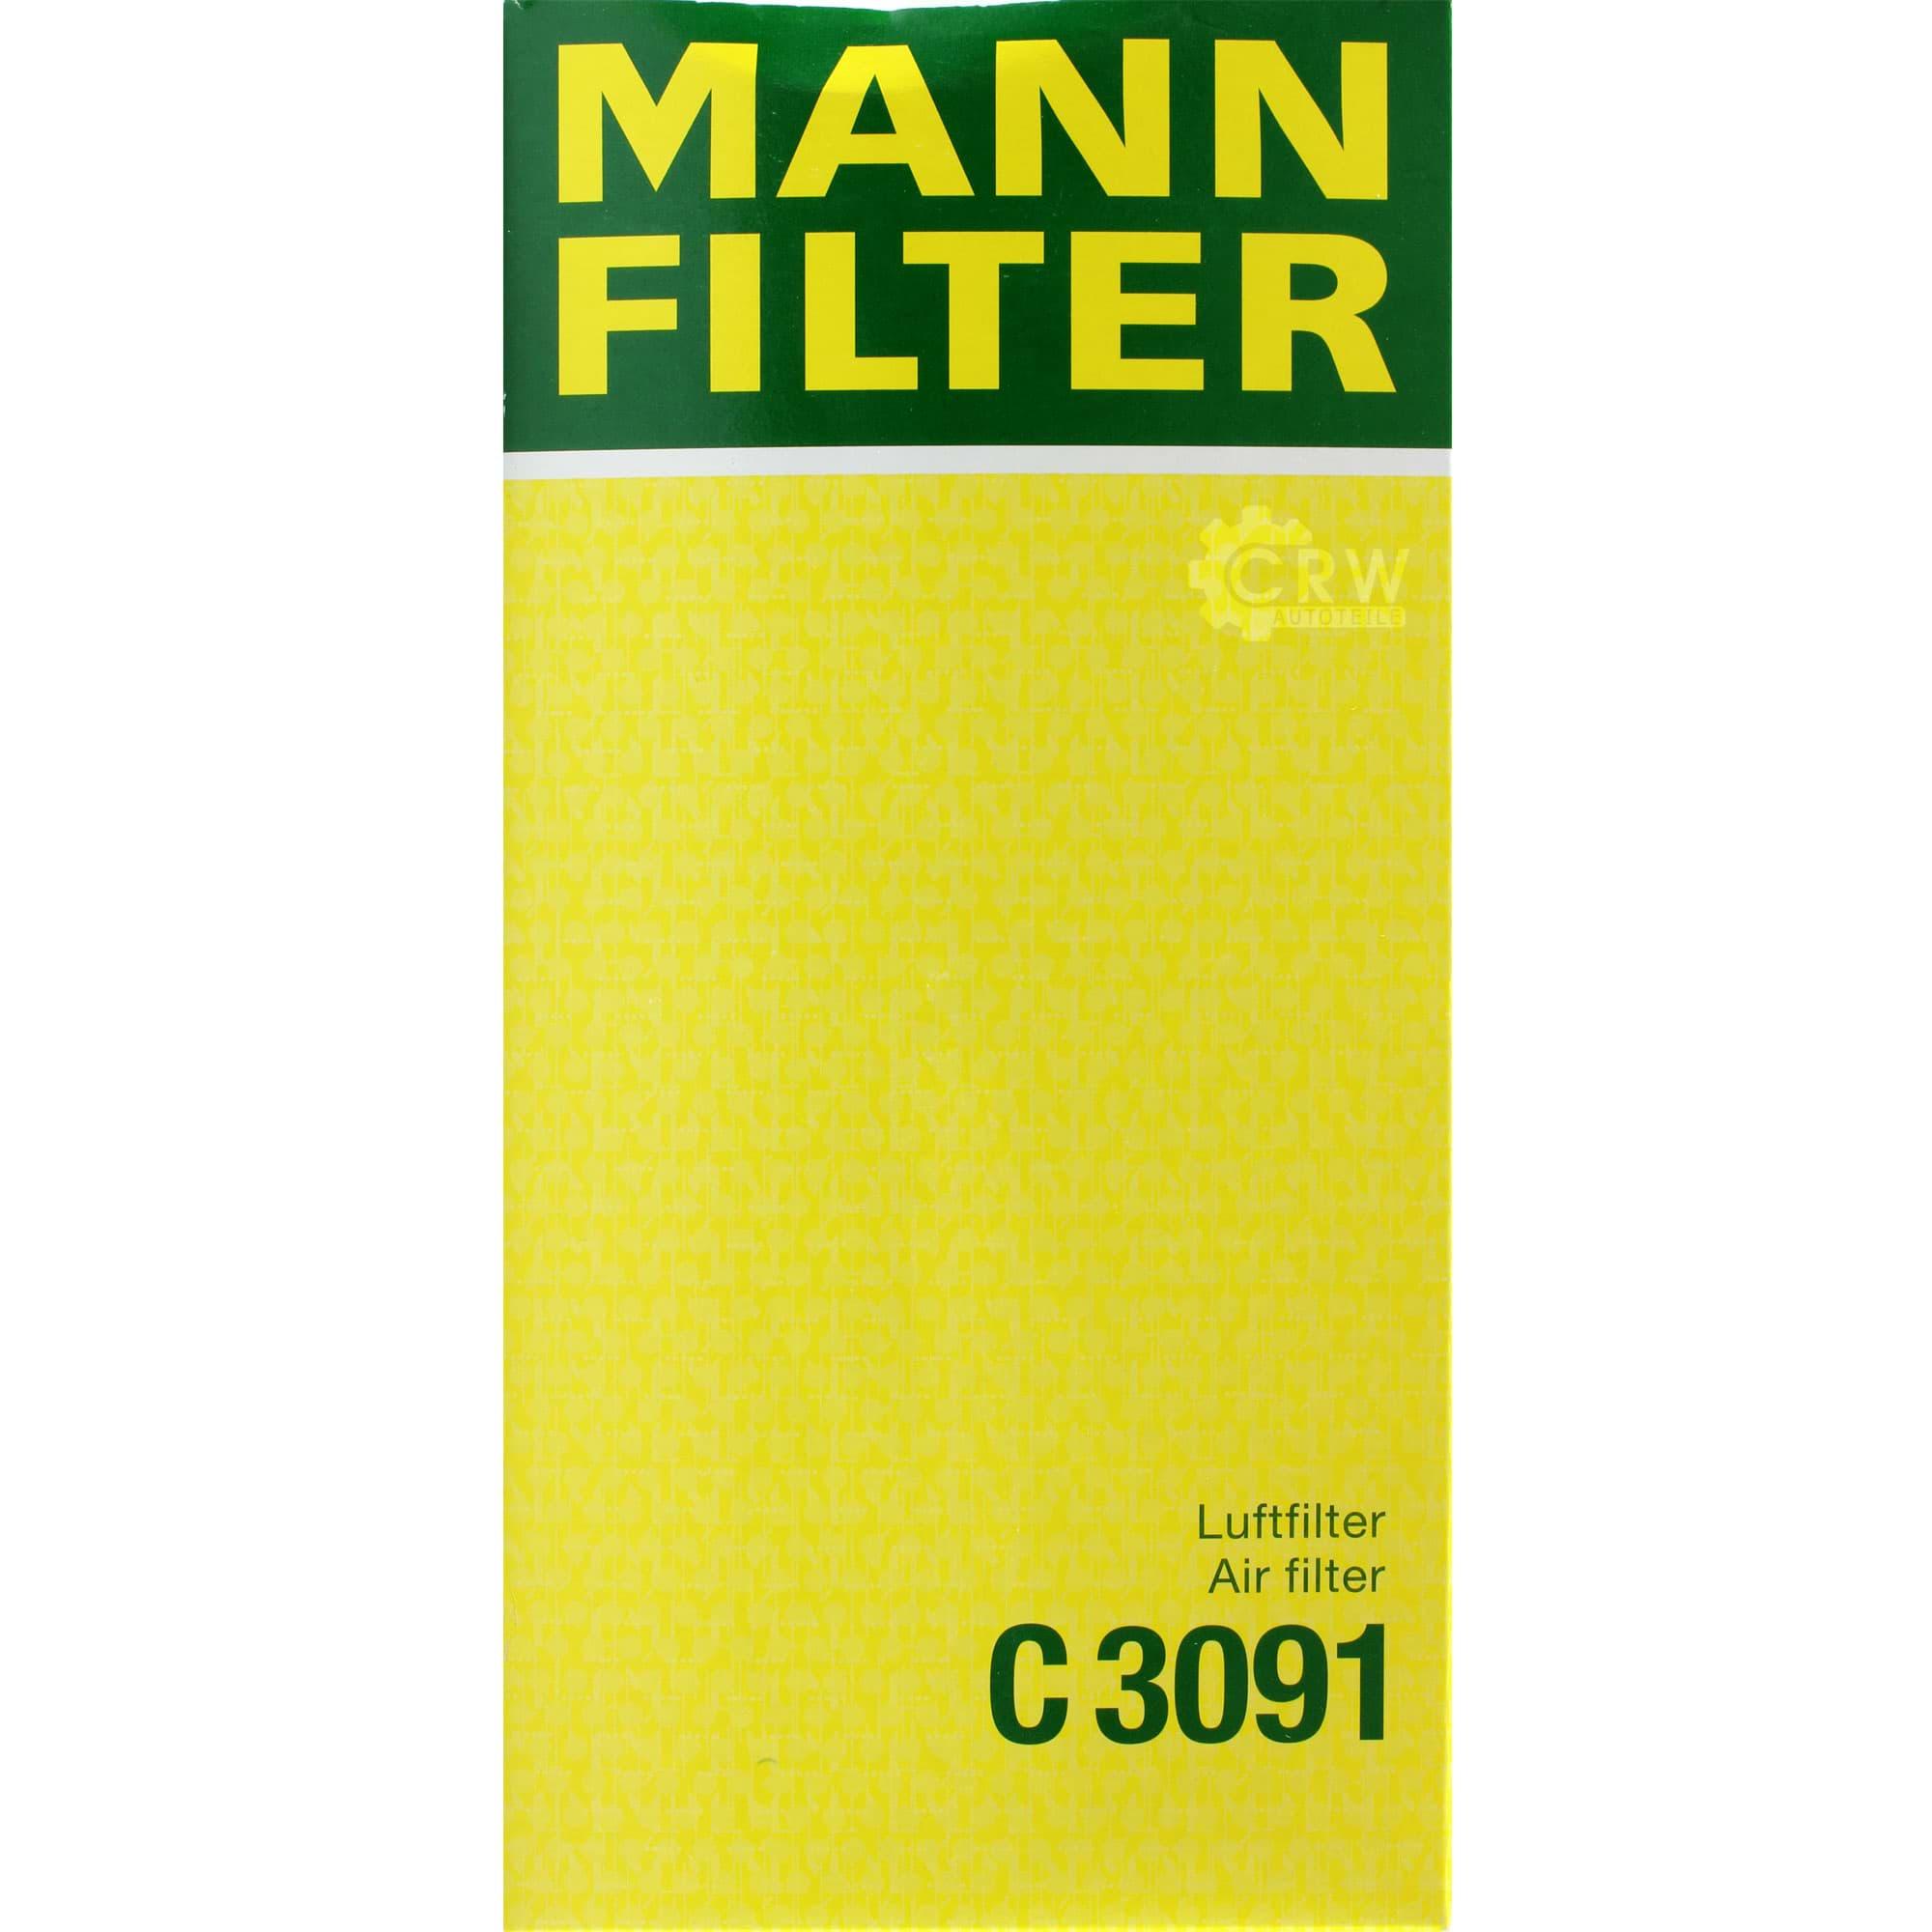 Mann Filter C3091 Air Filter